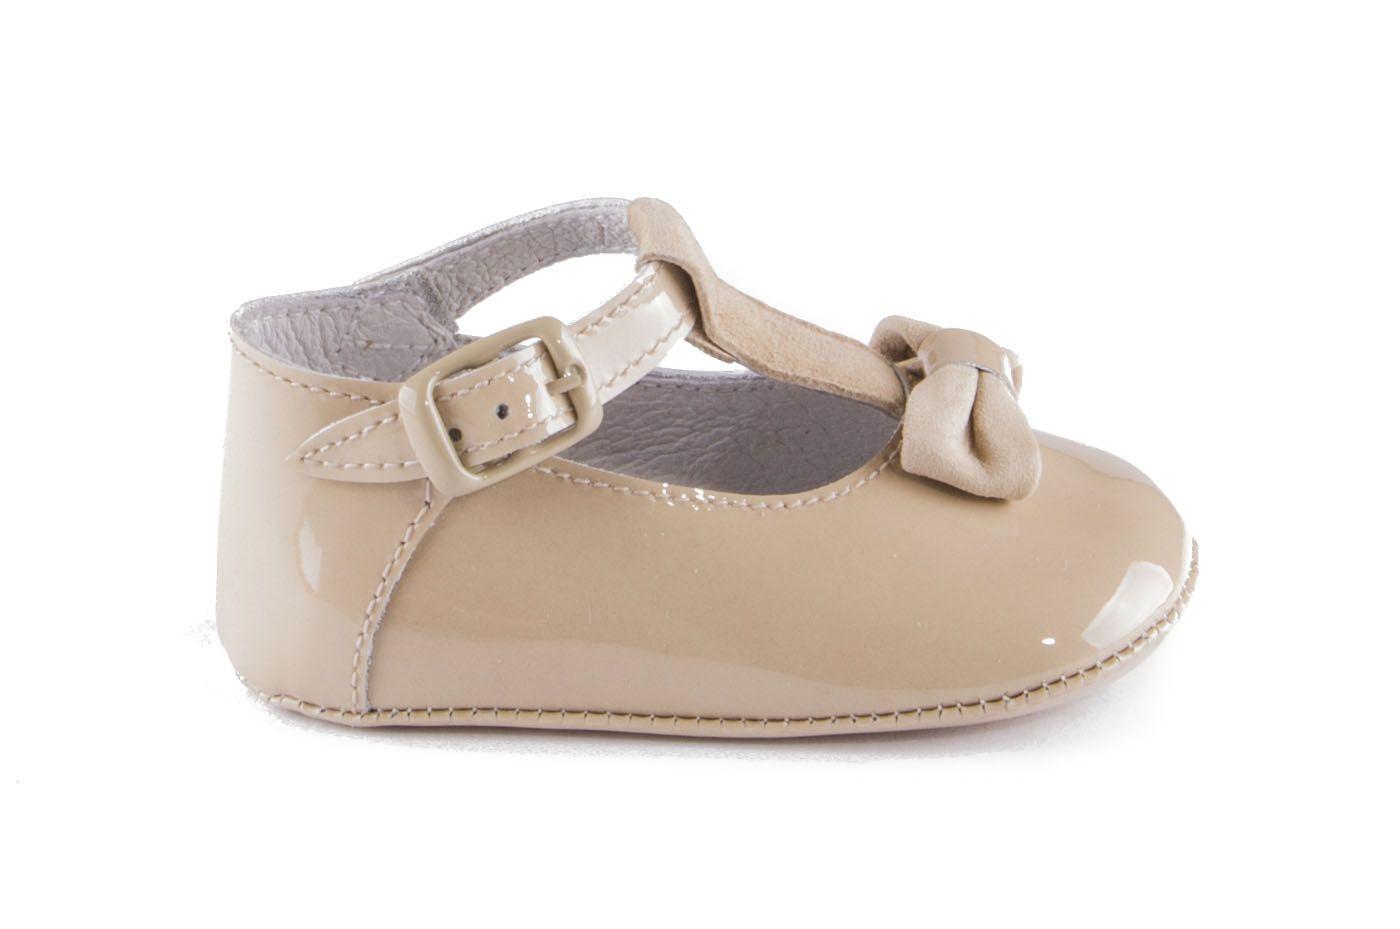 8e308b128 Comprar zapato tipo BEBE NIÑA estilo MERCEDES COLOR CAMEL CHAROL ...